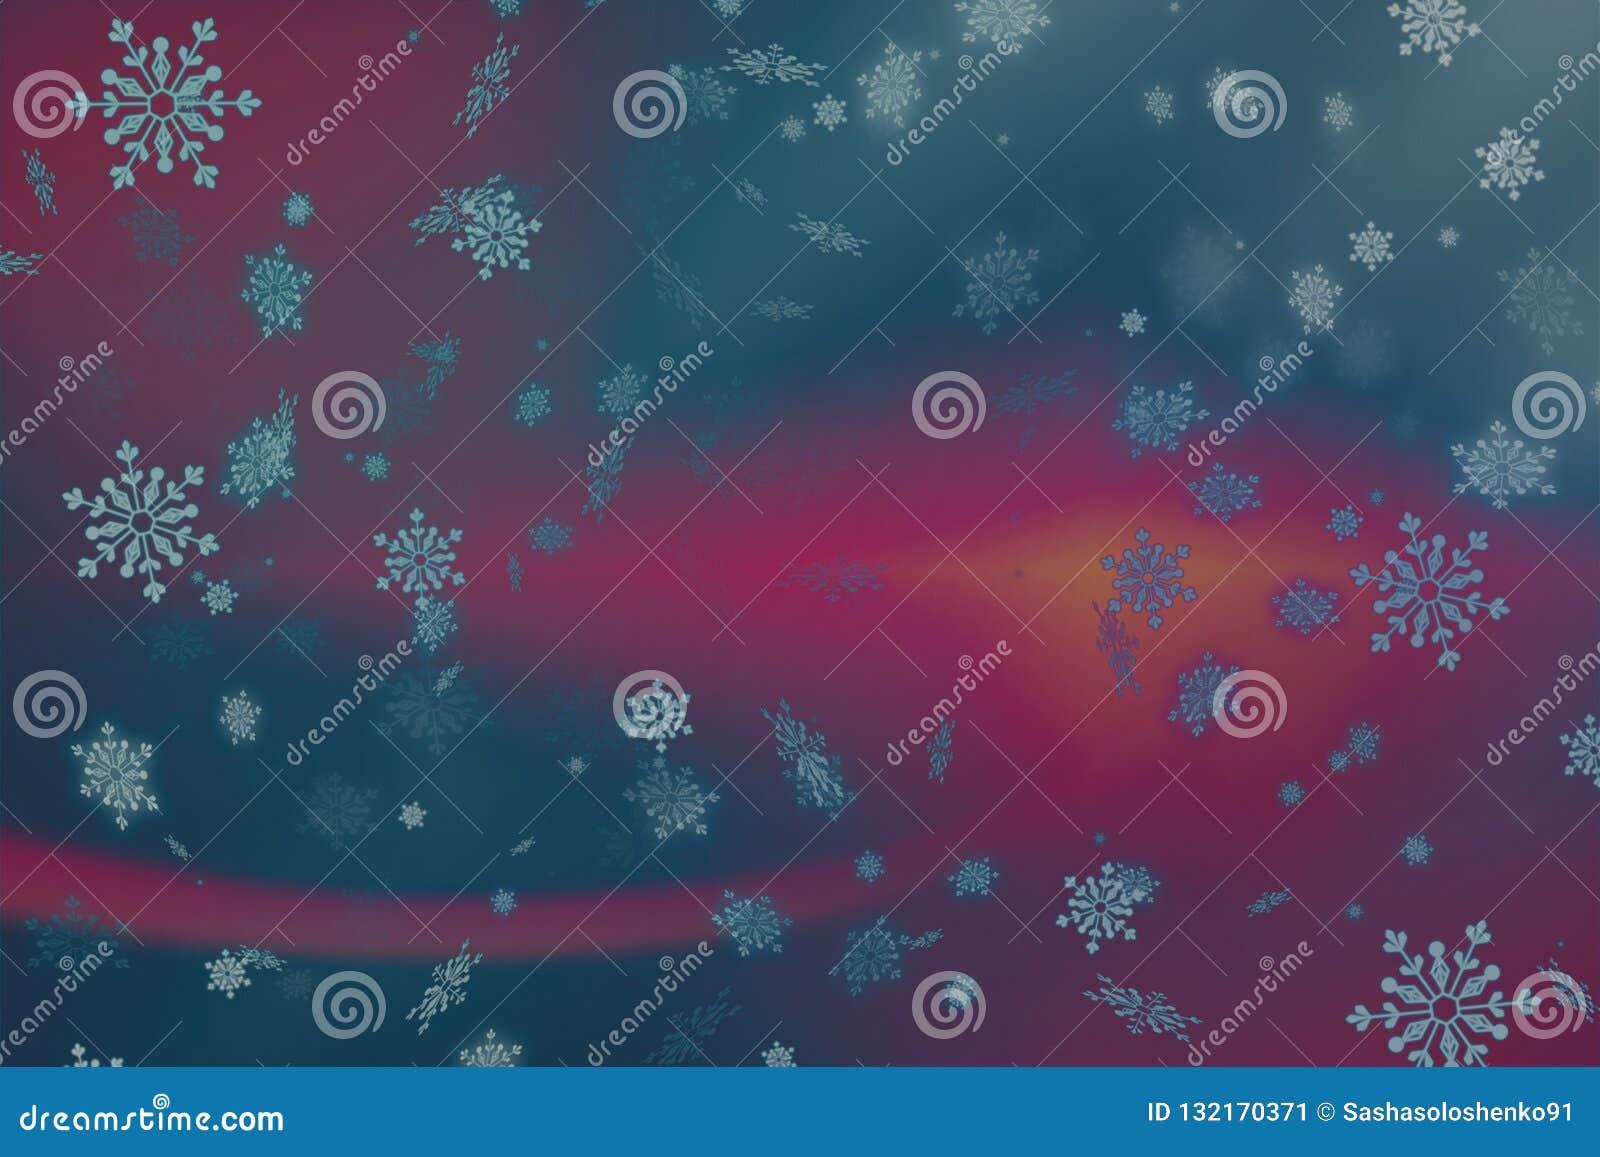 Abstrakt rosa och purpurfärgad julbakgrund med snö och snöflingor